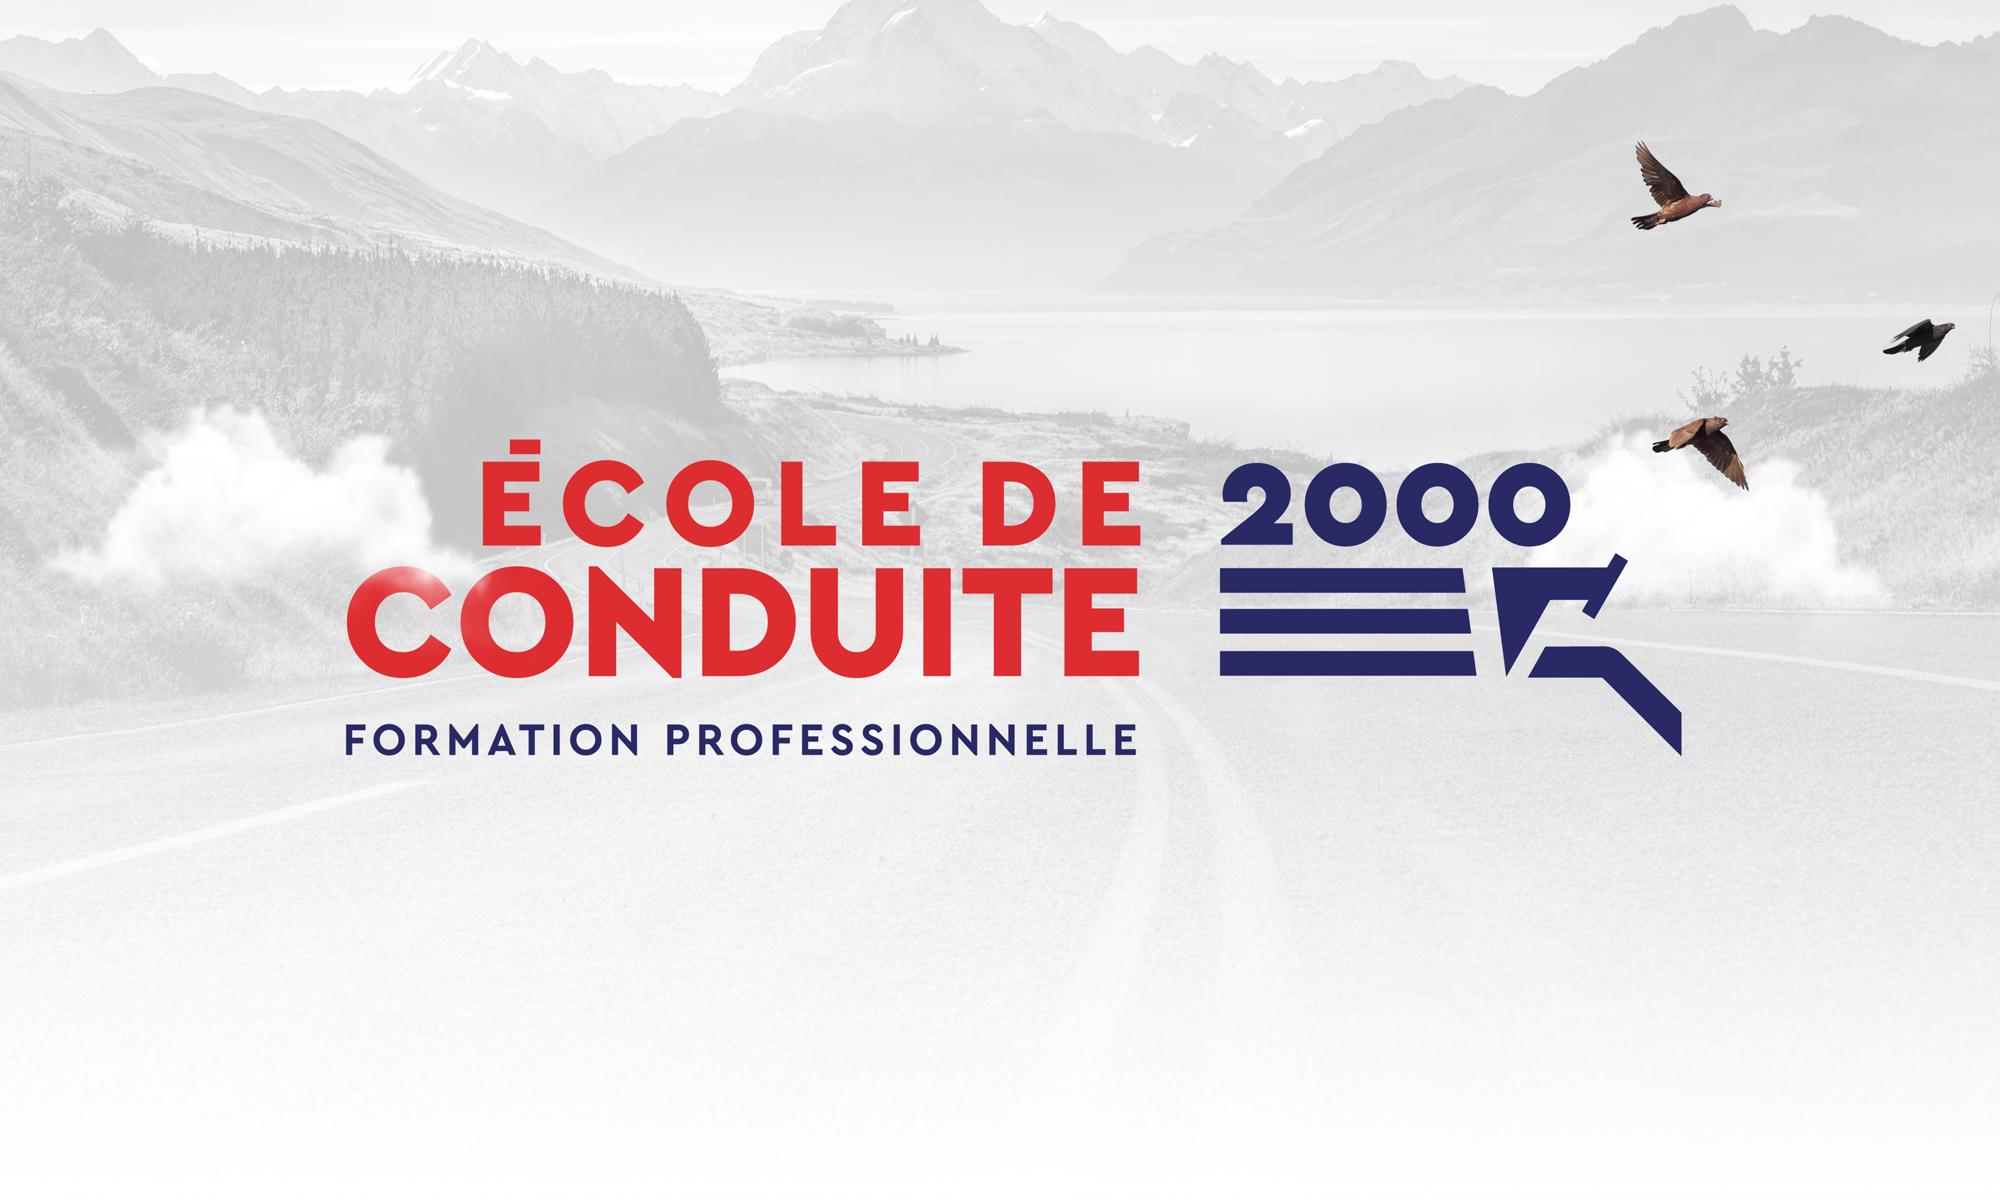 École de Conduite 2000